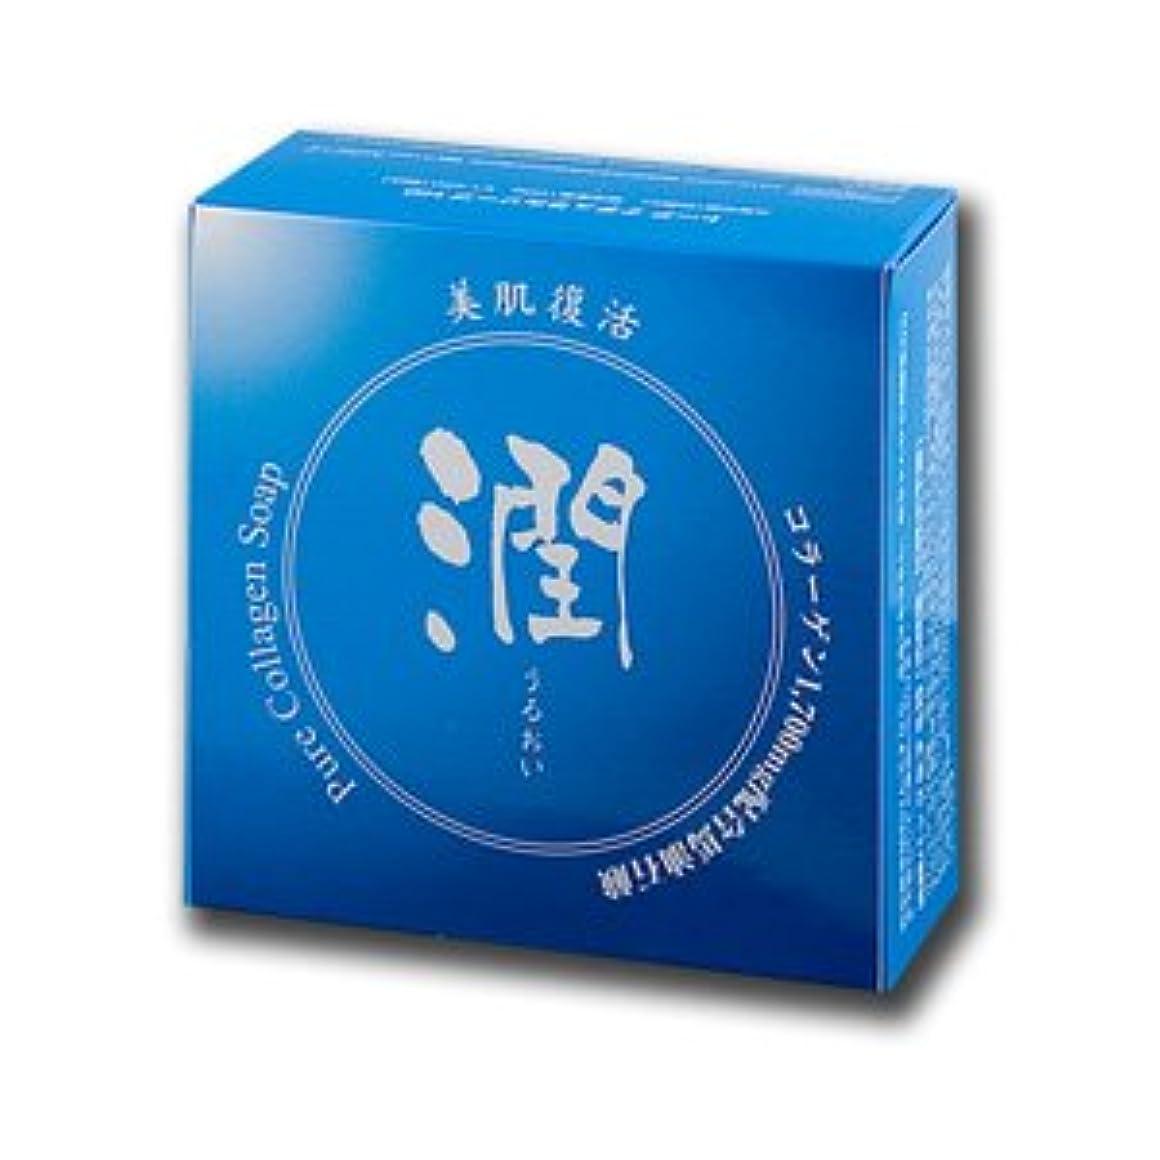 添加それにもかかわらずモードコラーゲン馬油石鹸 潤 100g (#800410) ×6個セット